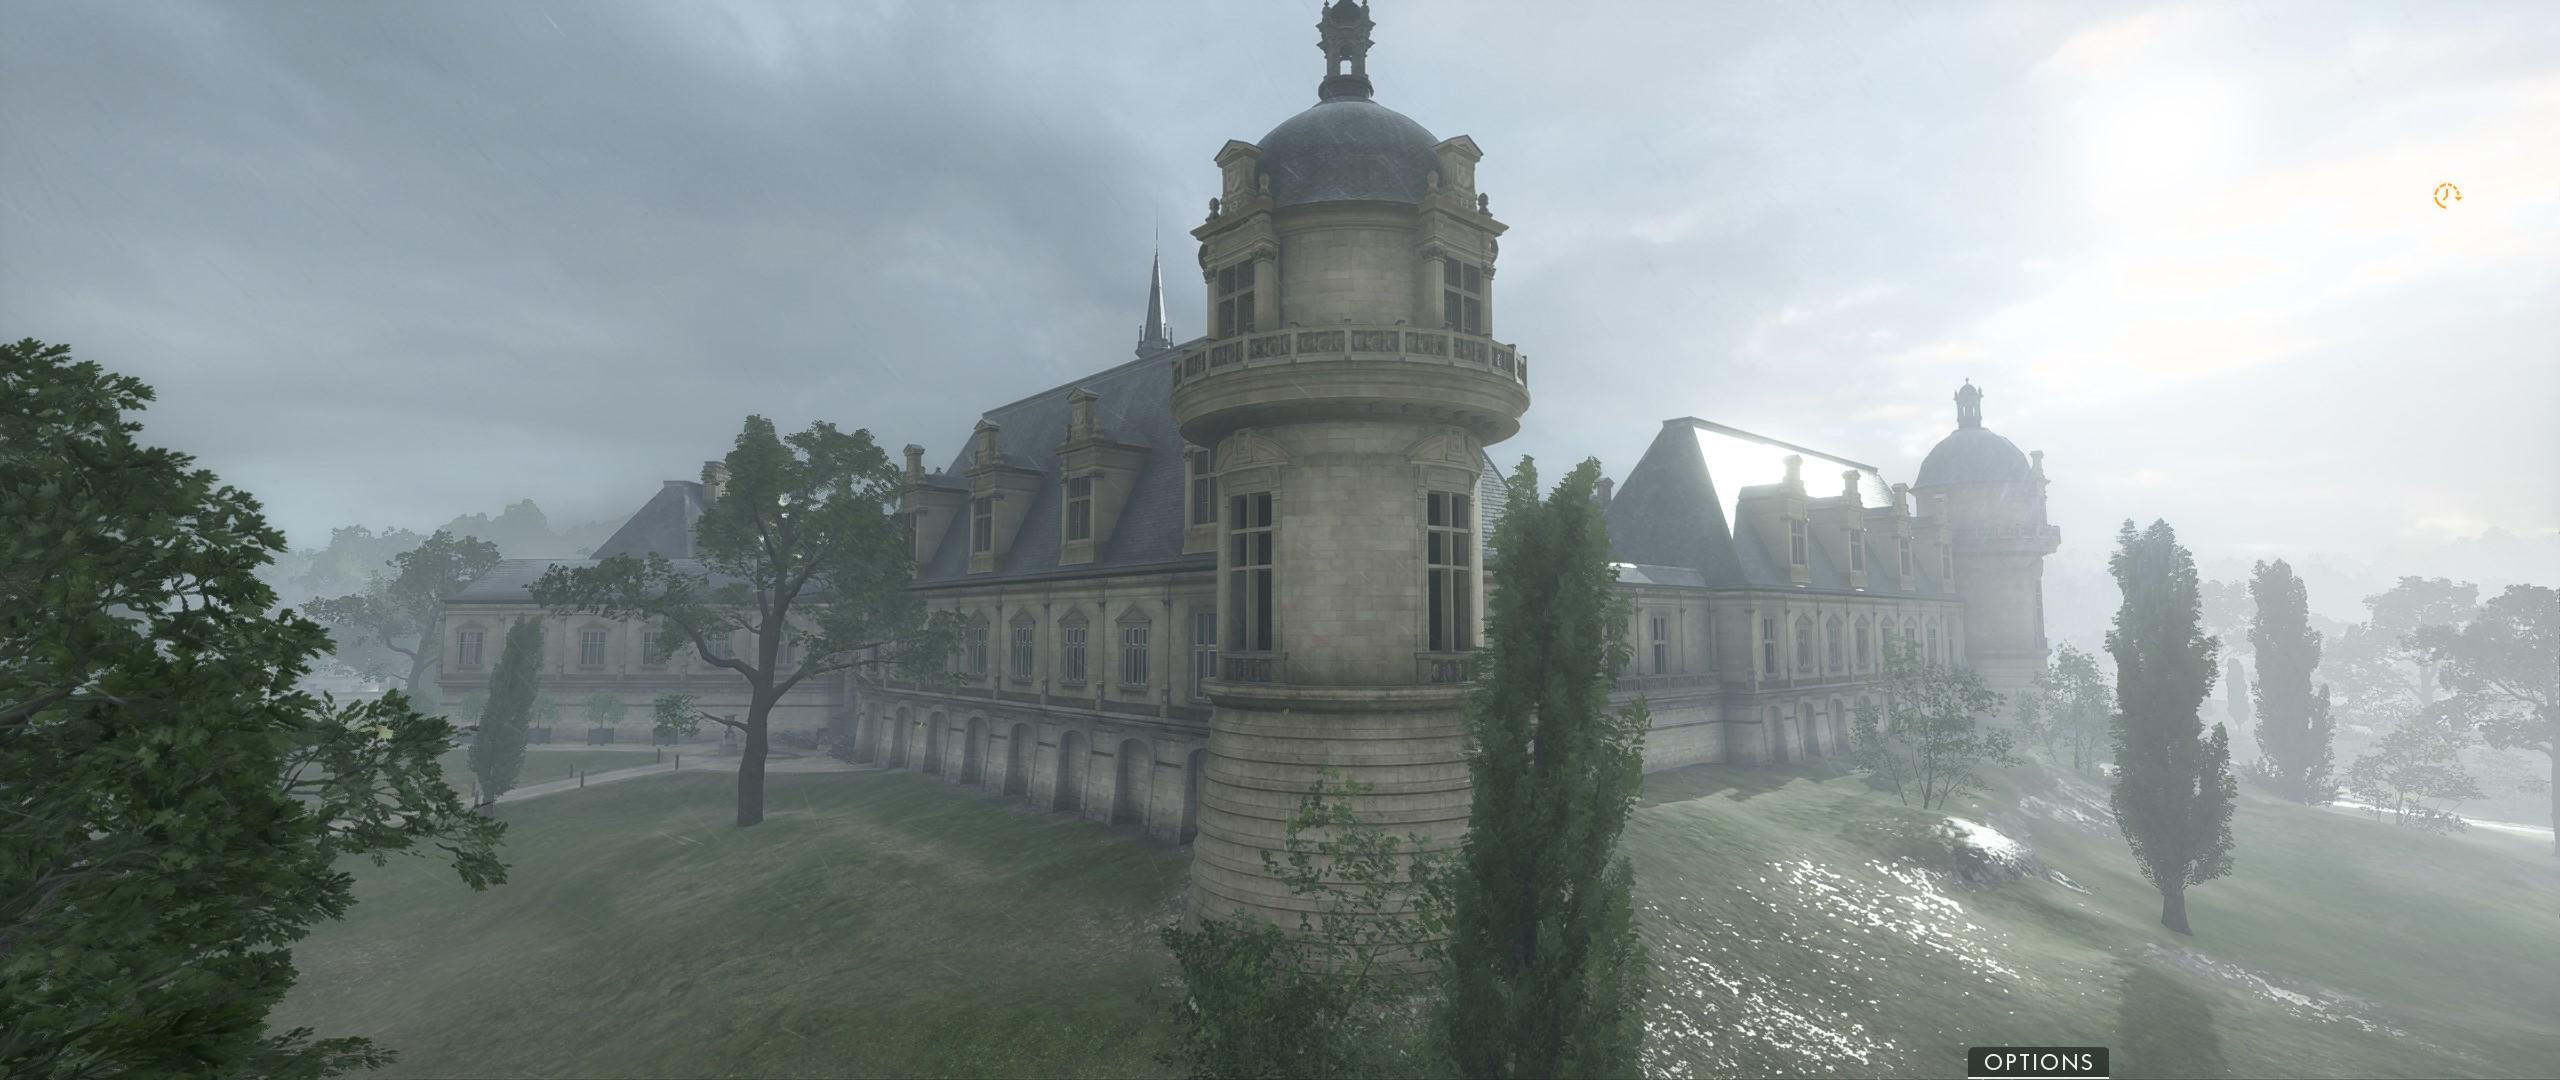 chateau (26).jpg